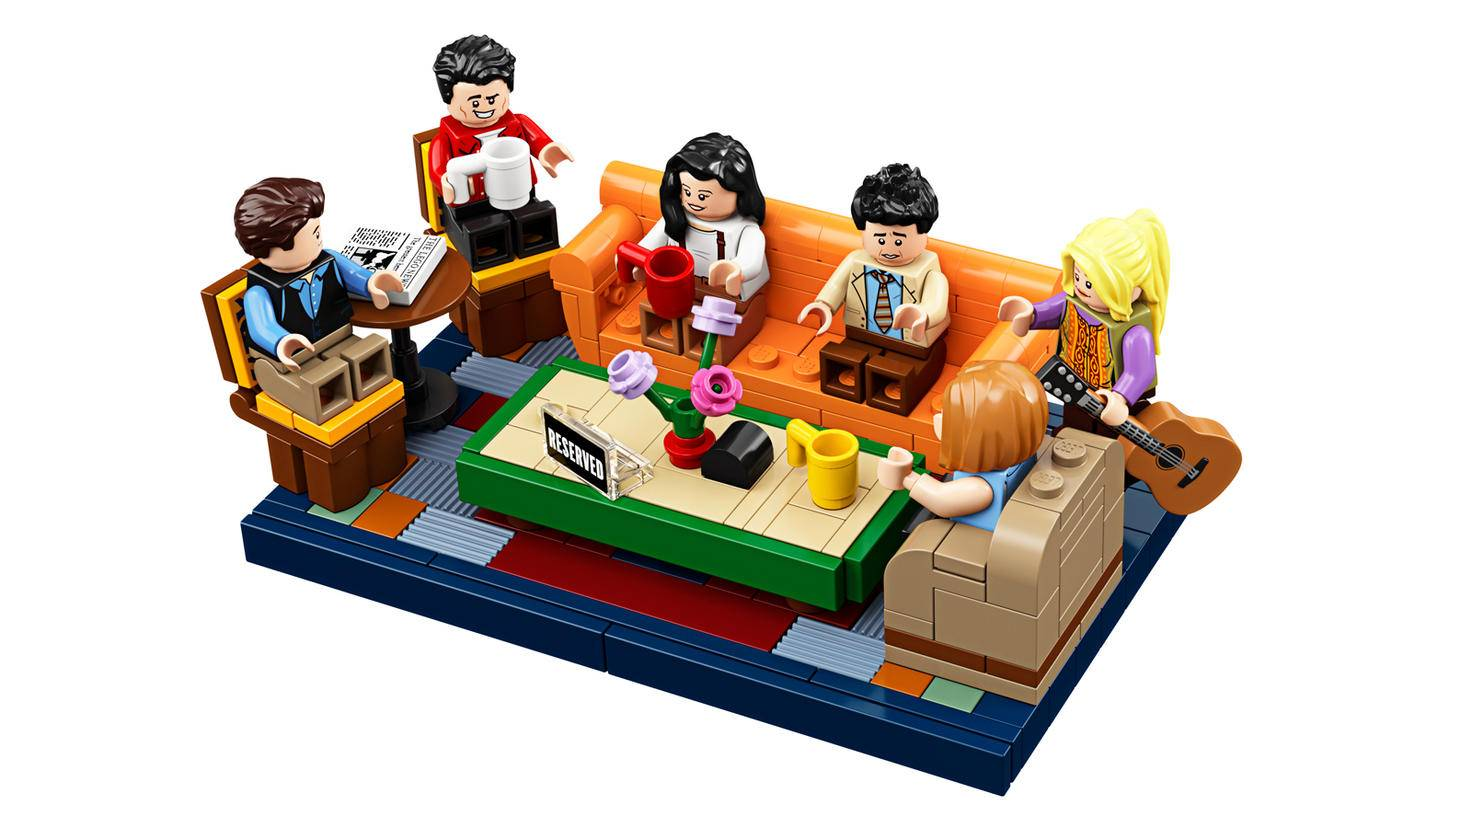 Minifiguren Lego Friends Central Perk Set